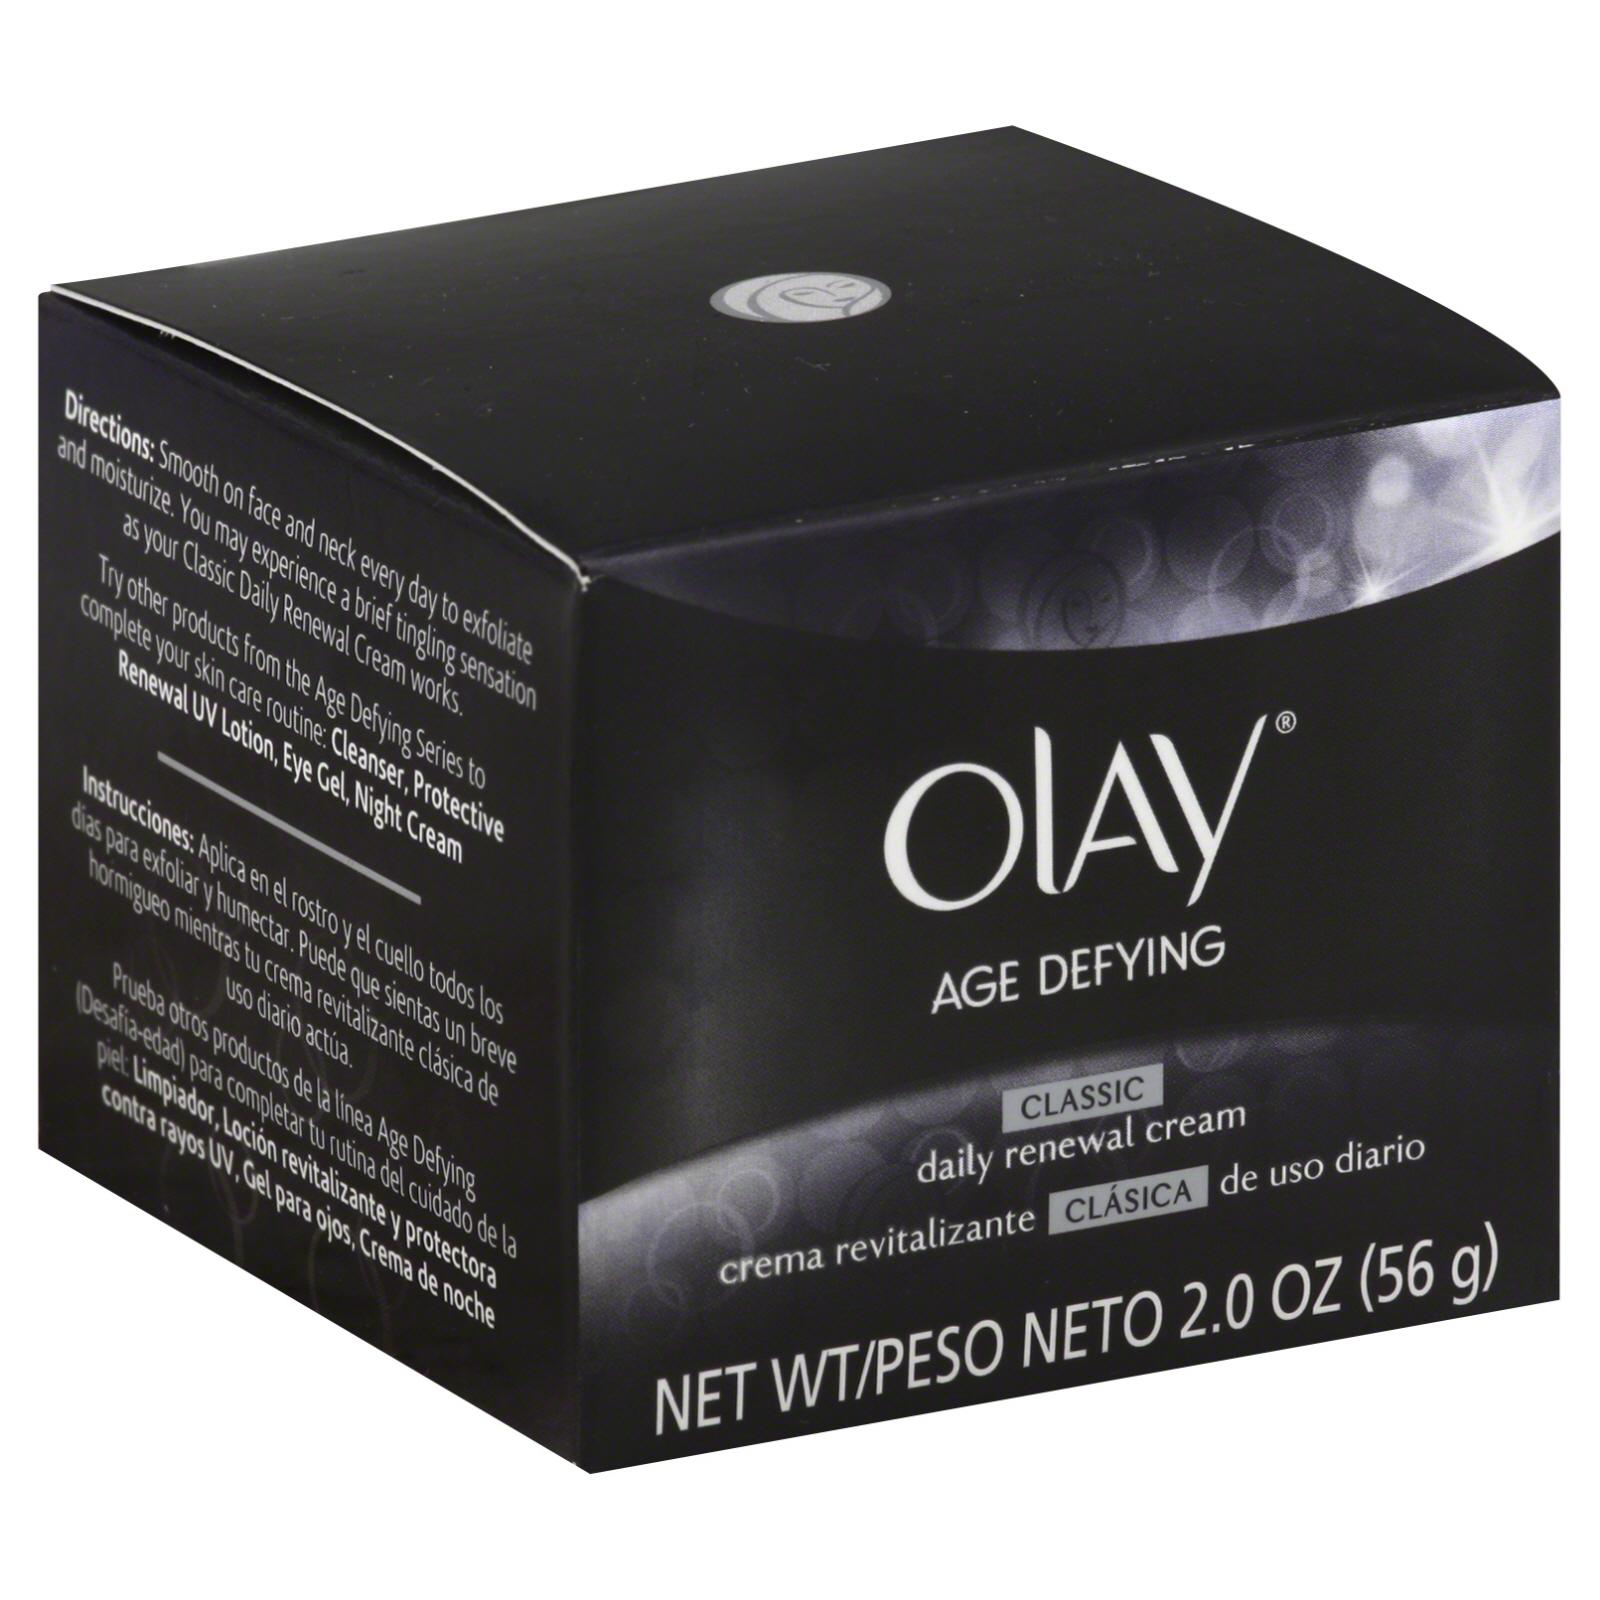 Olay Age Defying Renewal Cream, Daily, Classic, 2 oz (56 g)